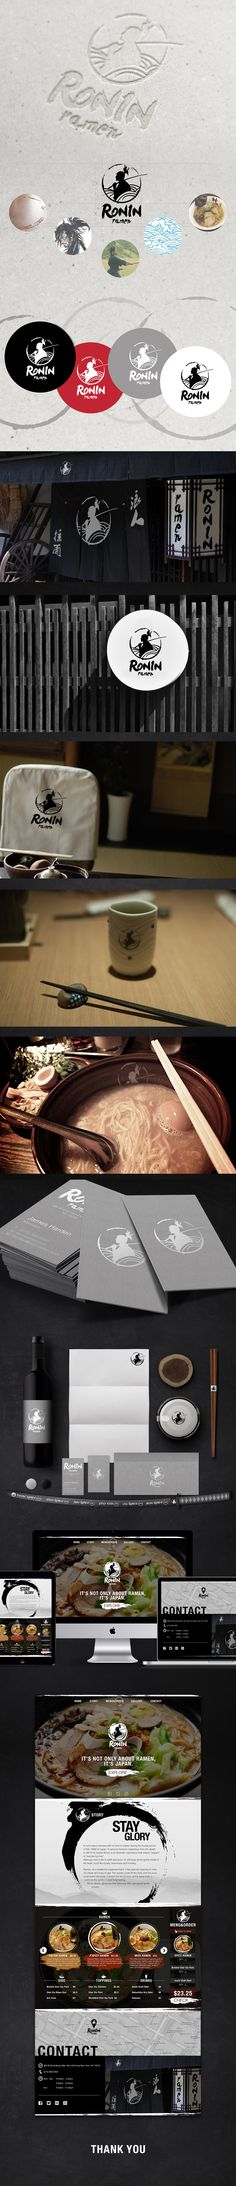 Ronin Ramen-Branding design of a Japanese restaurant on Behance Restaurant Branding, Restaurant Design, Ramen Restaurant, Chinese Restaurant, Food Branding, Branding Design, Logo Design, Japanese Branding, Lotus Logo